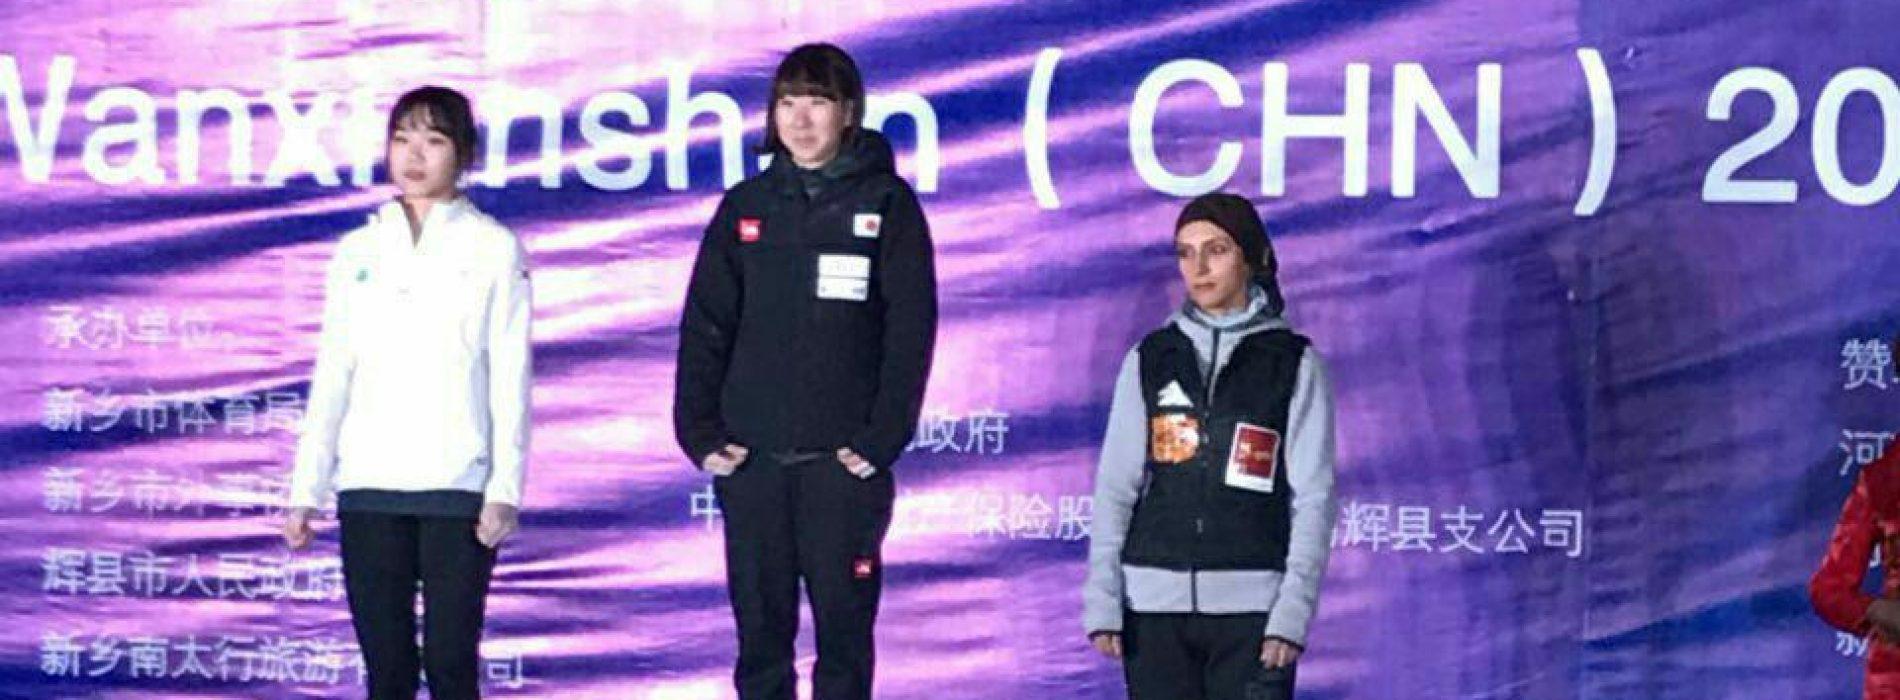 الناز رکابی در رشته لید کاپ آسیا برنزی شد.